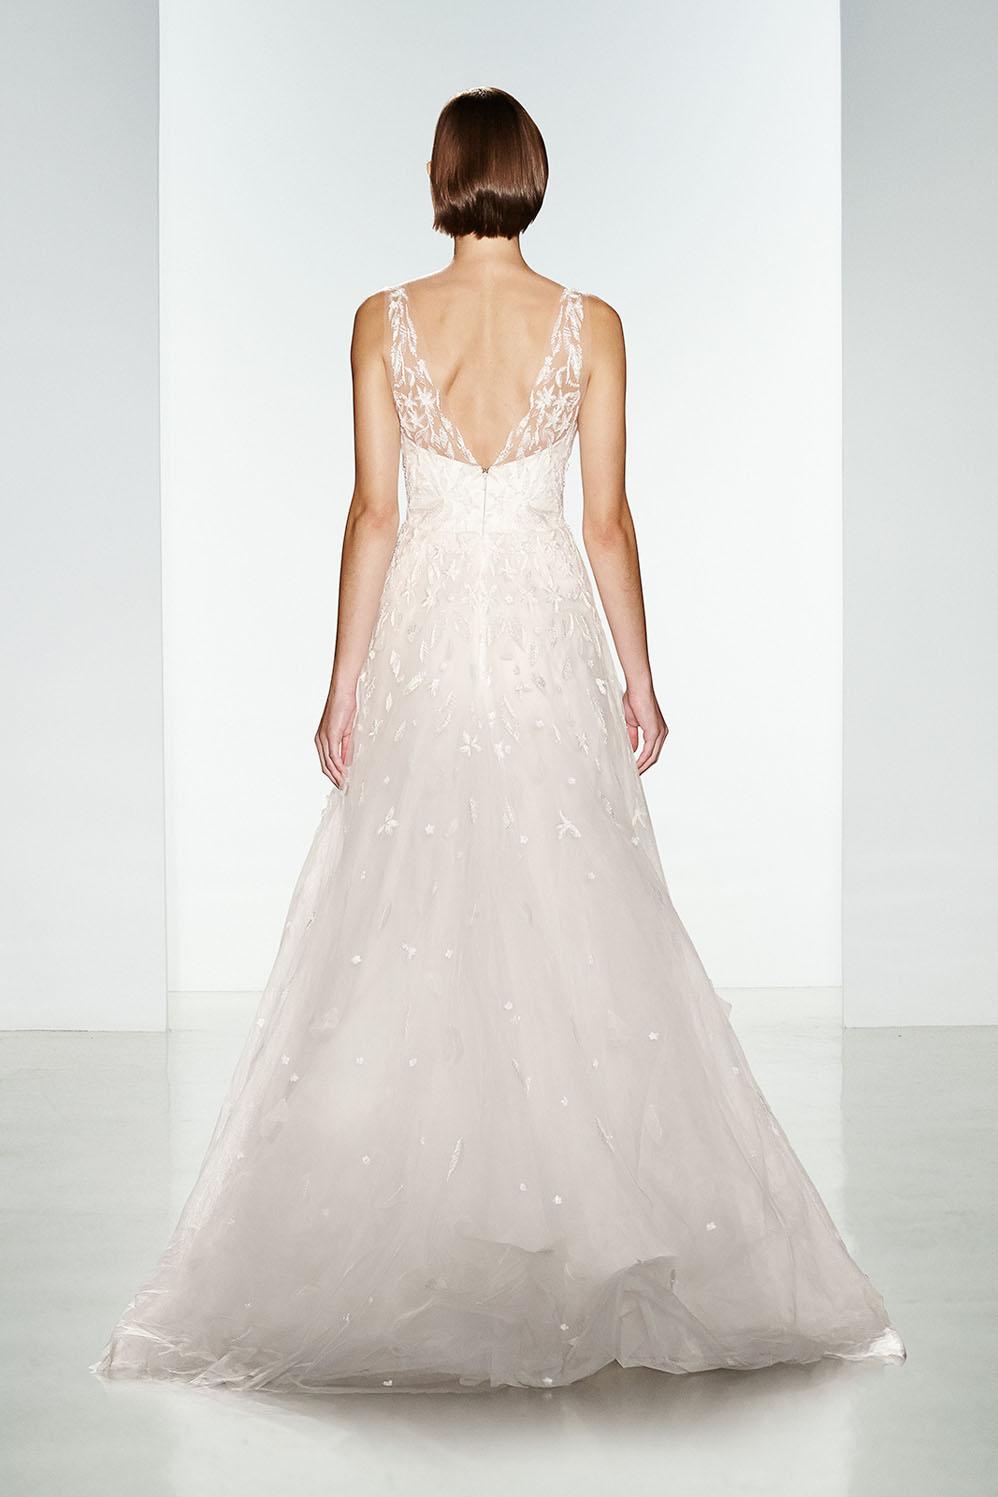 Ballgown-wedding-dress-amsale-helen-2.jpg